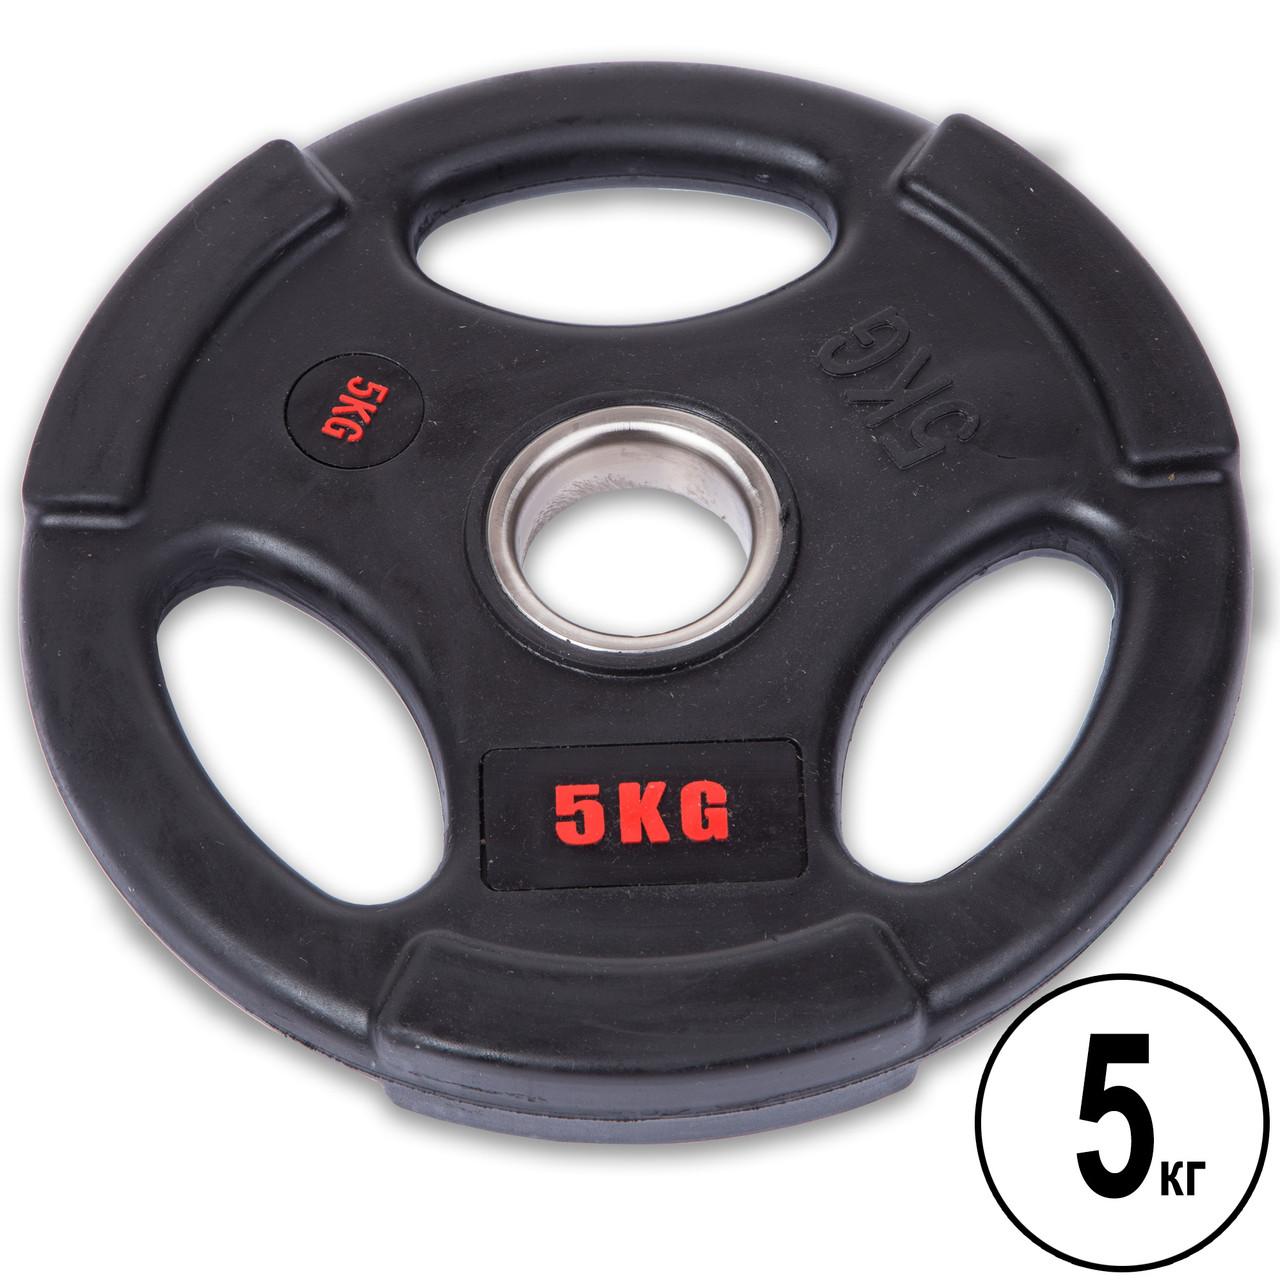 Диски обгумовані з потрійним хватом Life Fintess SC-80154B-5 5 кг